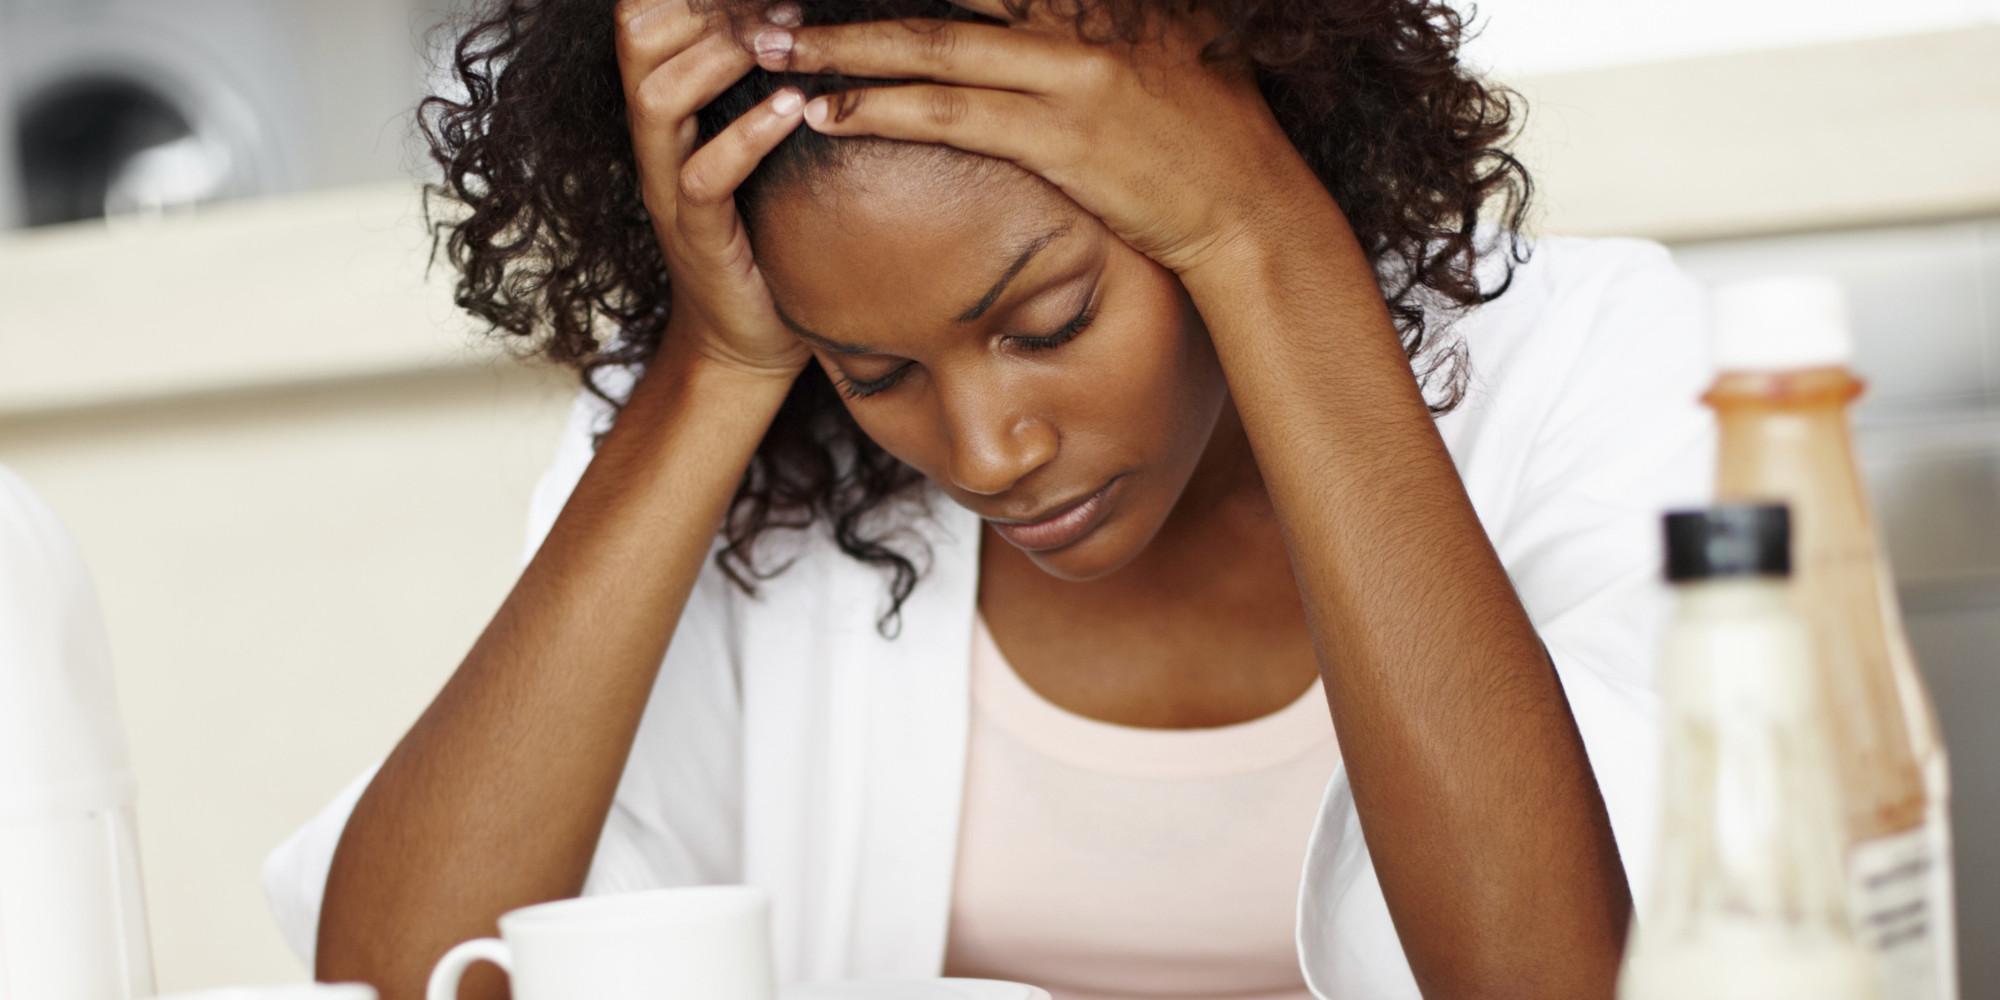 anxiety thebodyisnotanapology.com